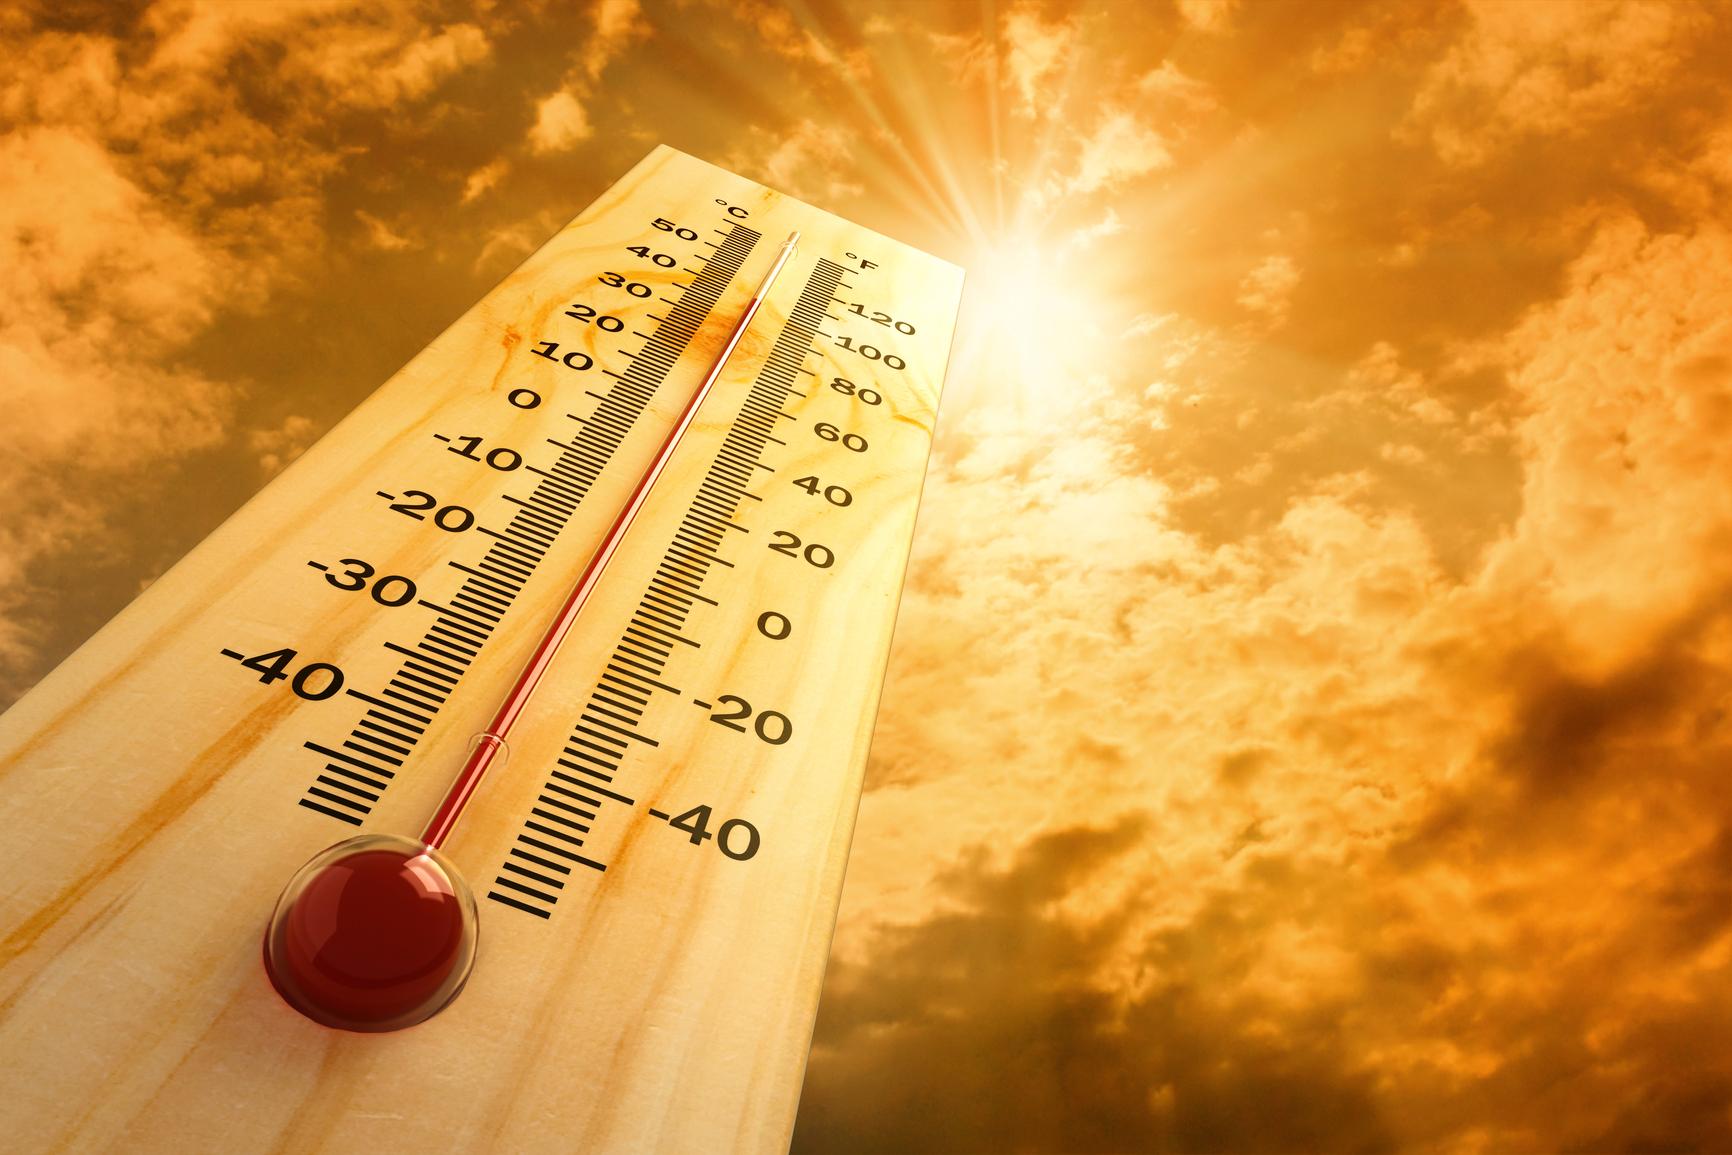 نشرة إندارية: تحذيرات من حرارة مفرطة ابتداء من الغد